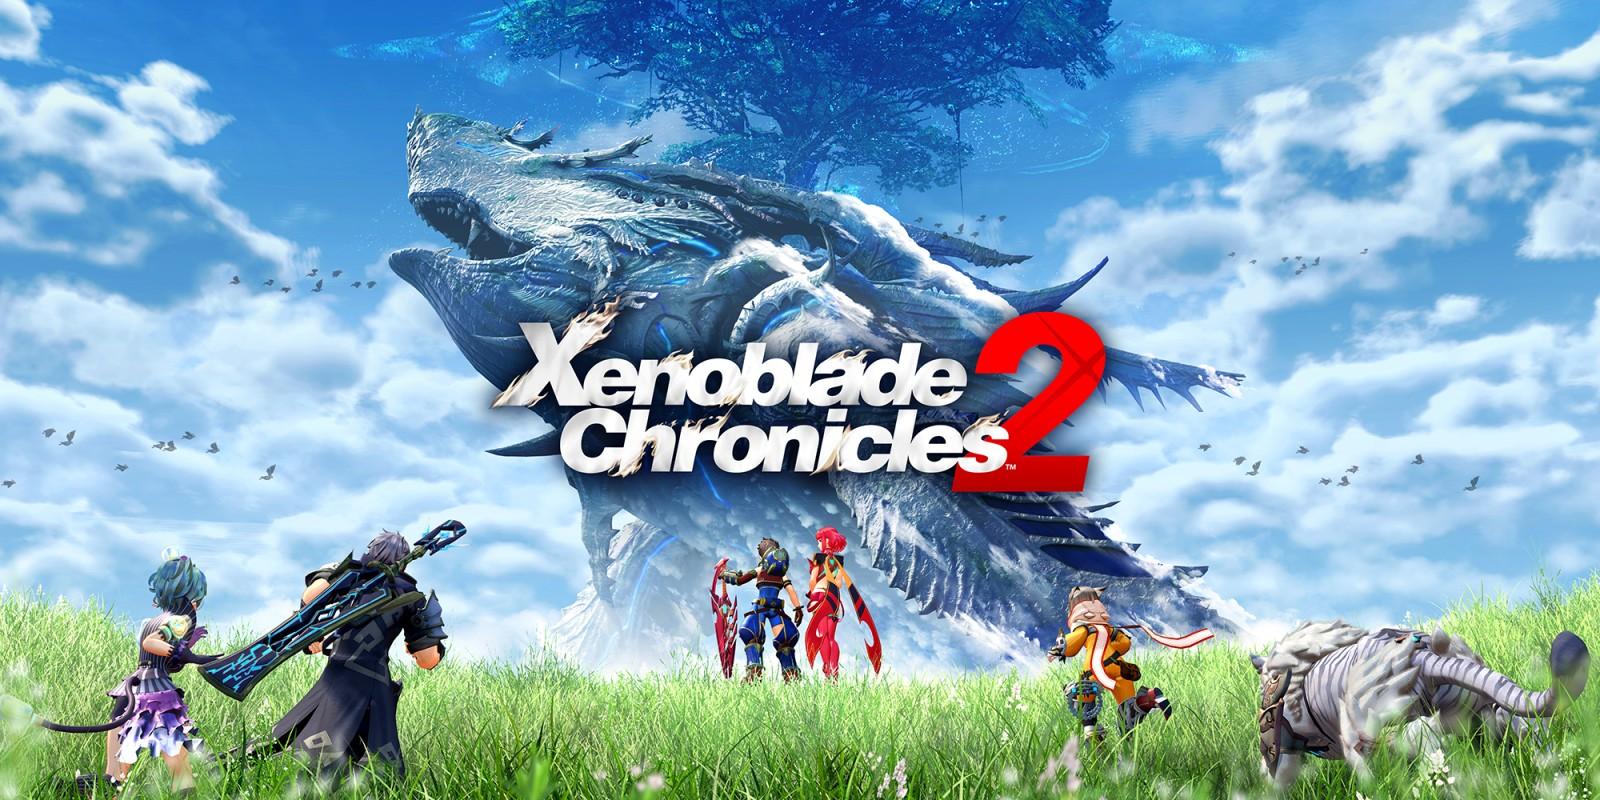 Xenoblade Chronicles 2